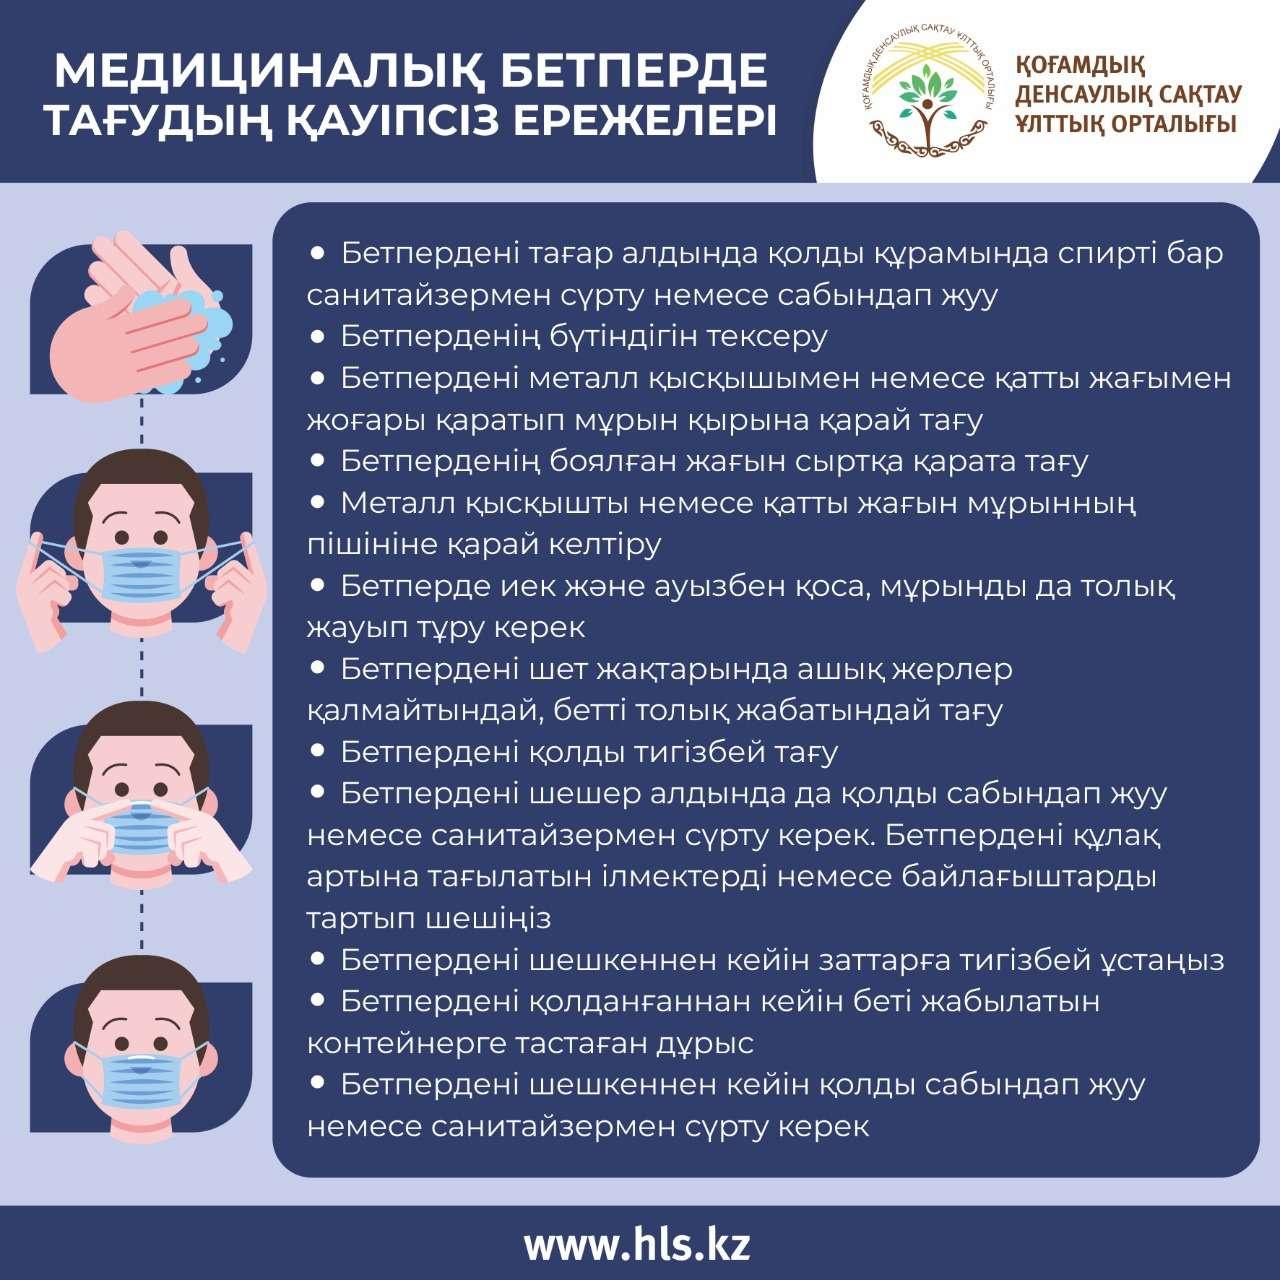 Медициналық маска тағу ережелері